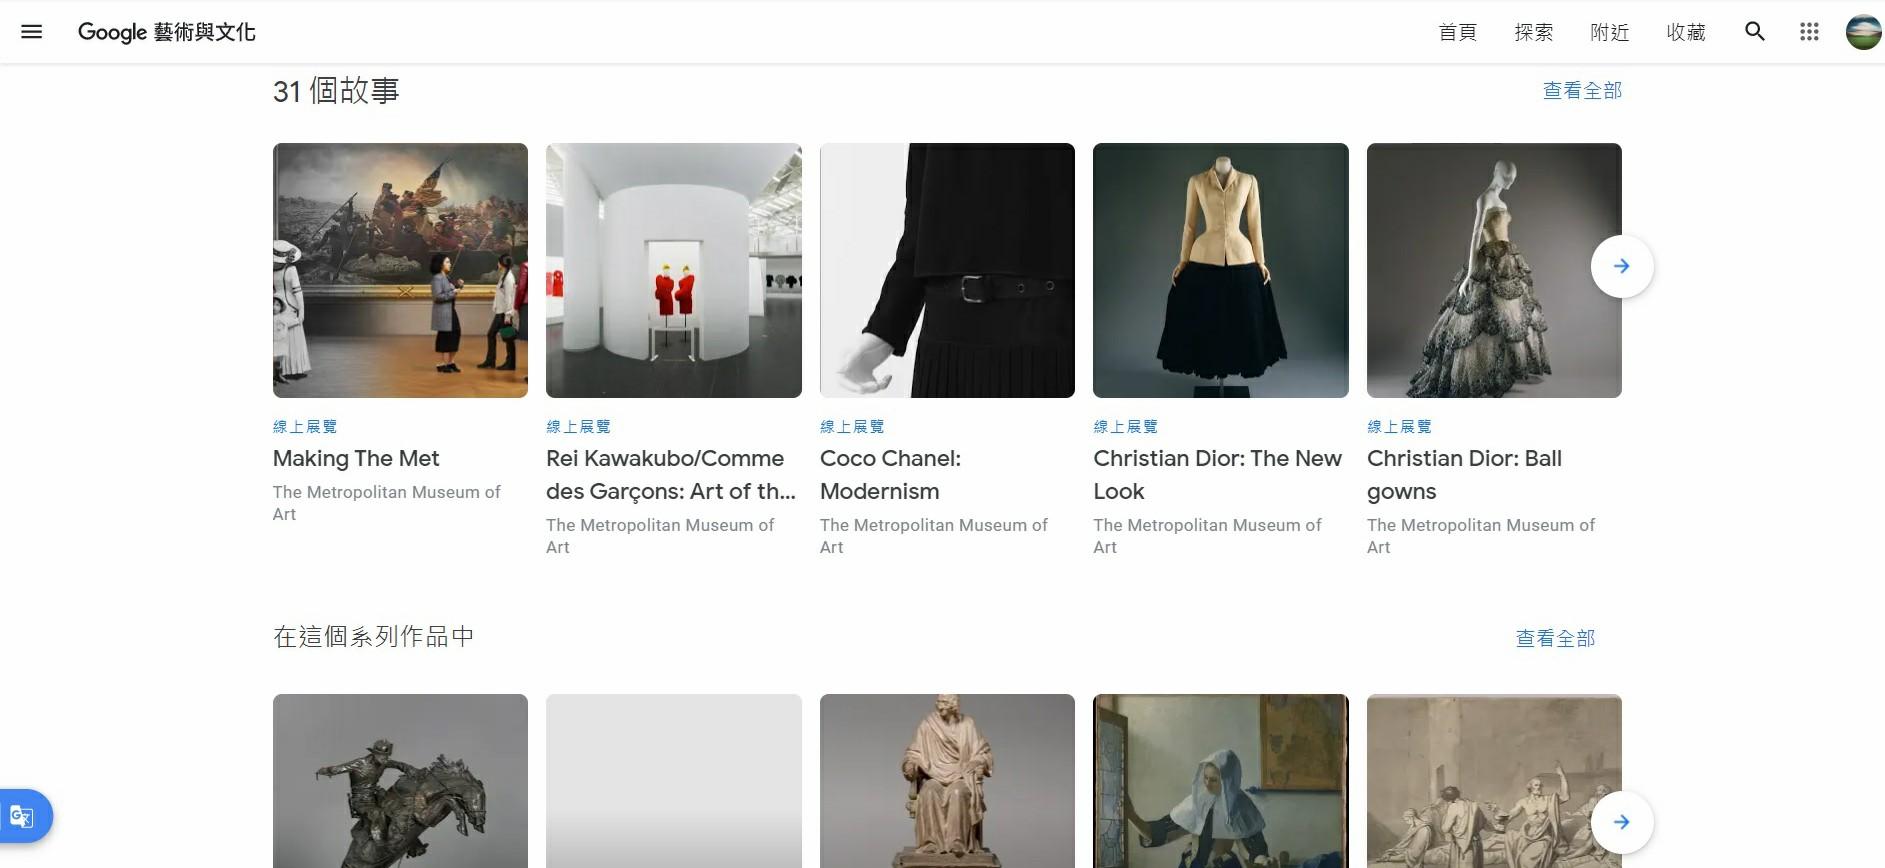 美國紐約大都會藝術博物館,大都會藝術博物館,大都會博物館,Google Arts & Culture,Google 藝術與文化,虛擬實境美術館,線上博物館,線上展覽,線上美術館